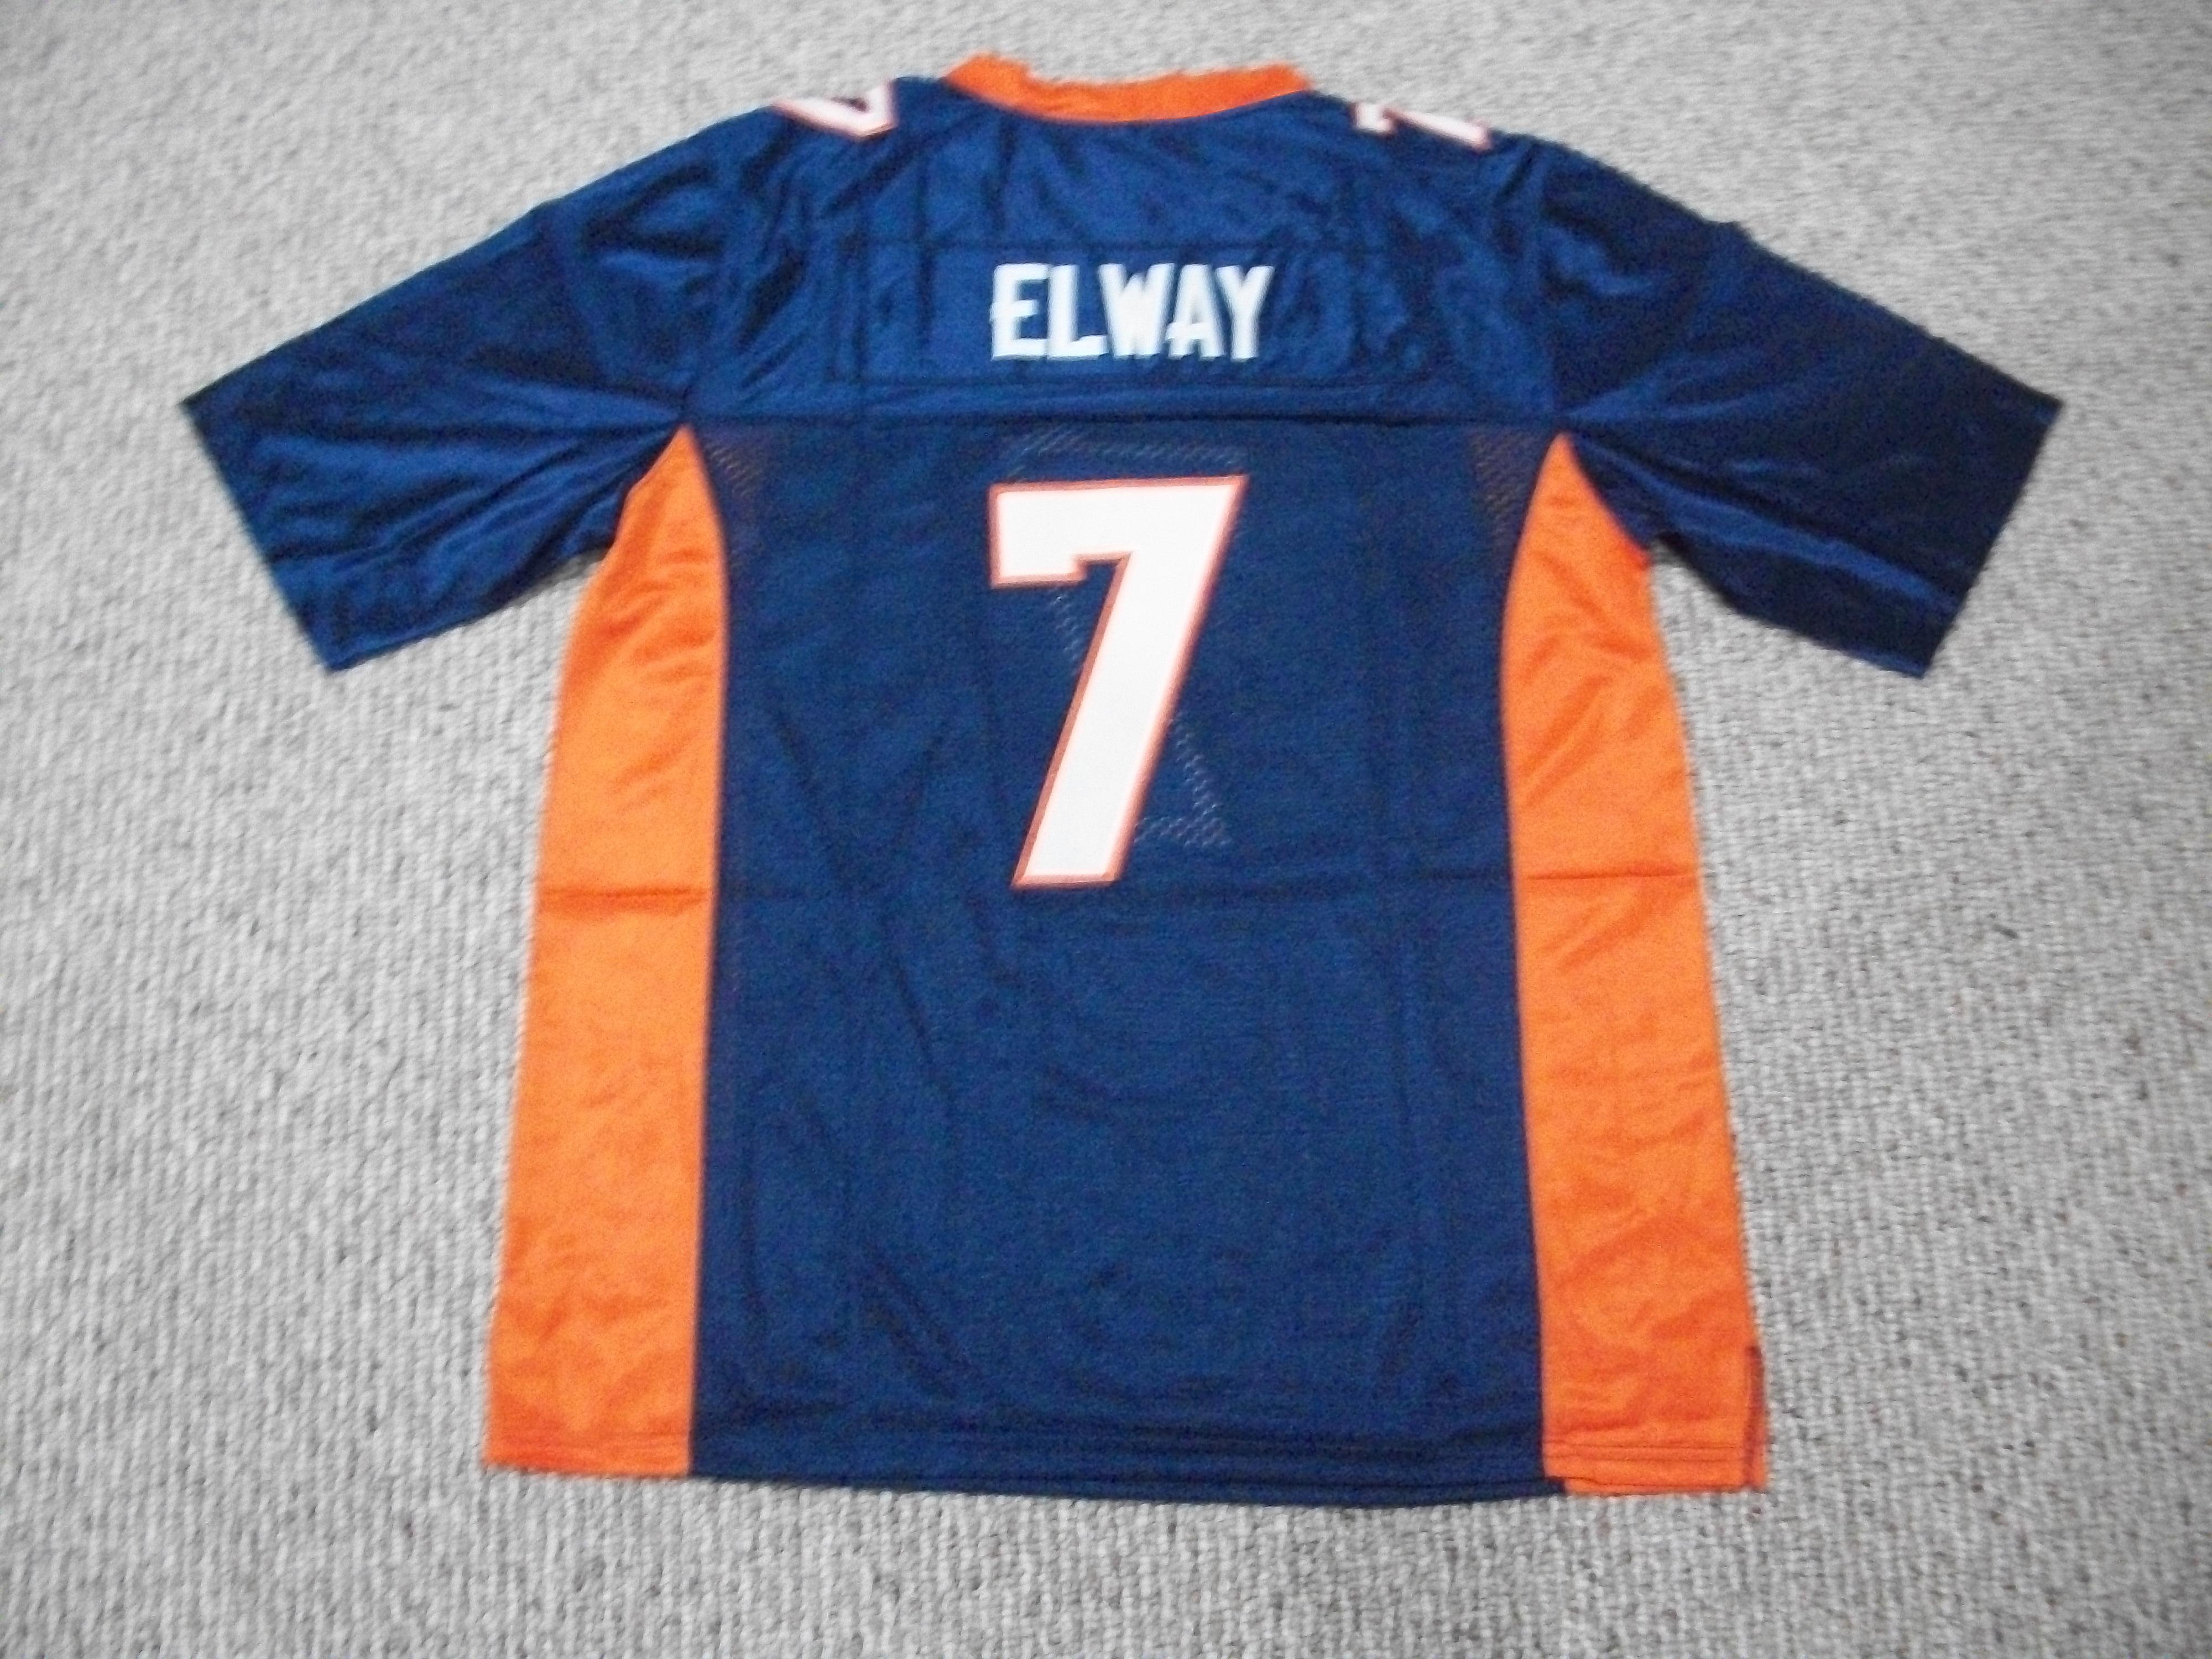 elway jersey